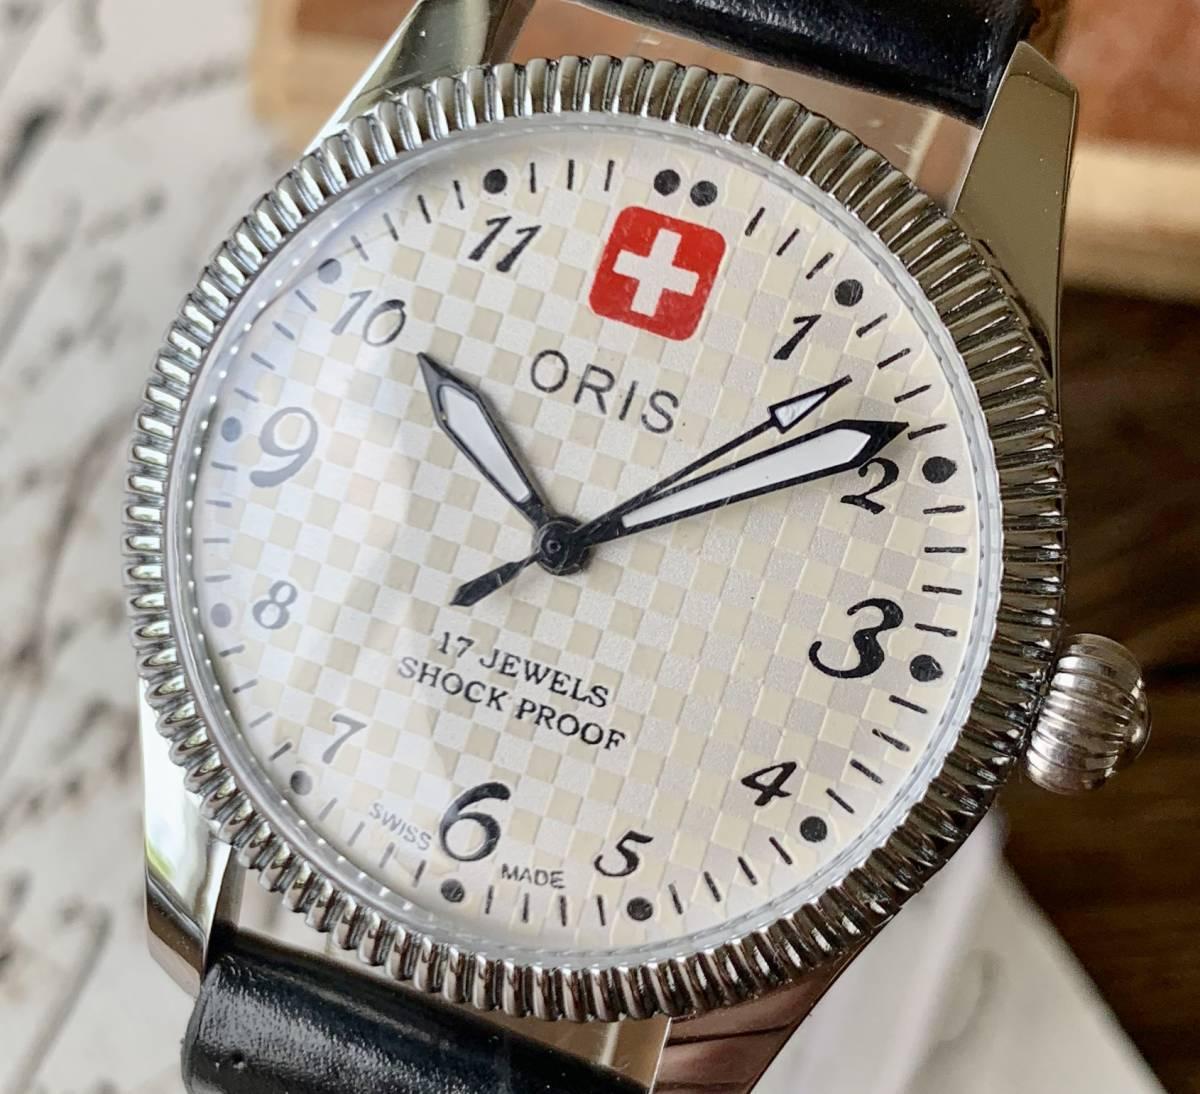 【1円スタート】オリス ORIS 1970's ホワイト 腕時計 メンズ 機械式手巻き アンティーク 整備済み ヴィンテージ 17石 No207